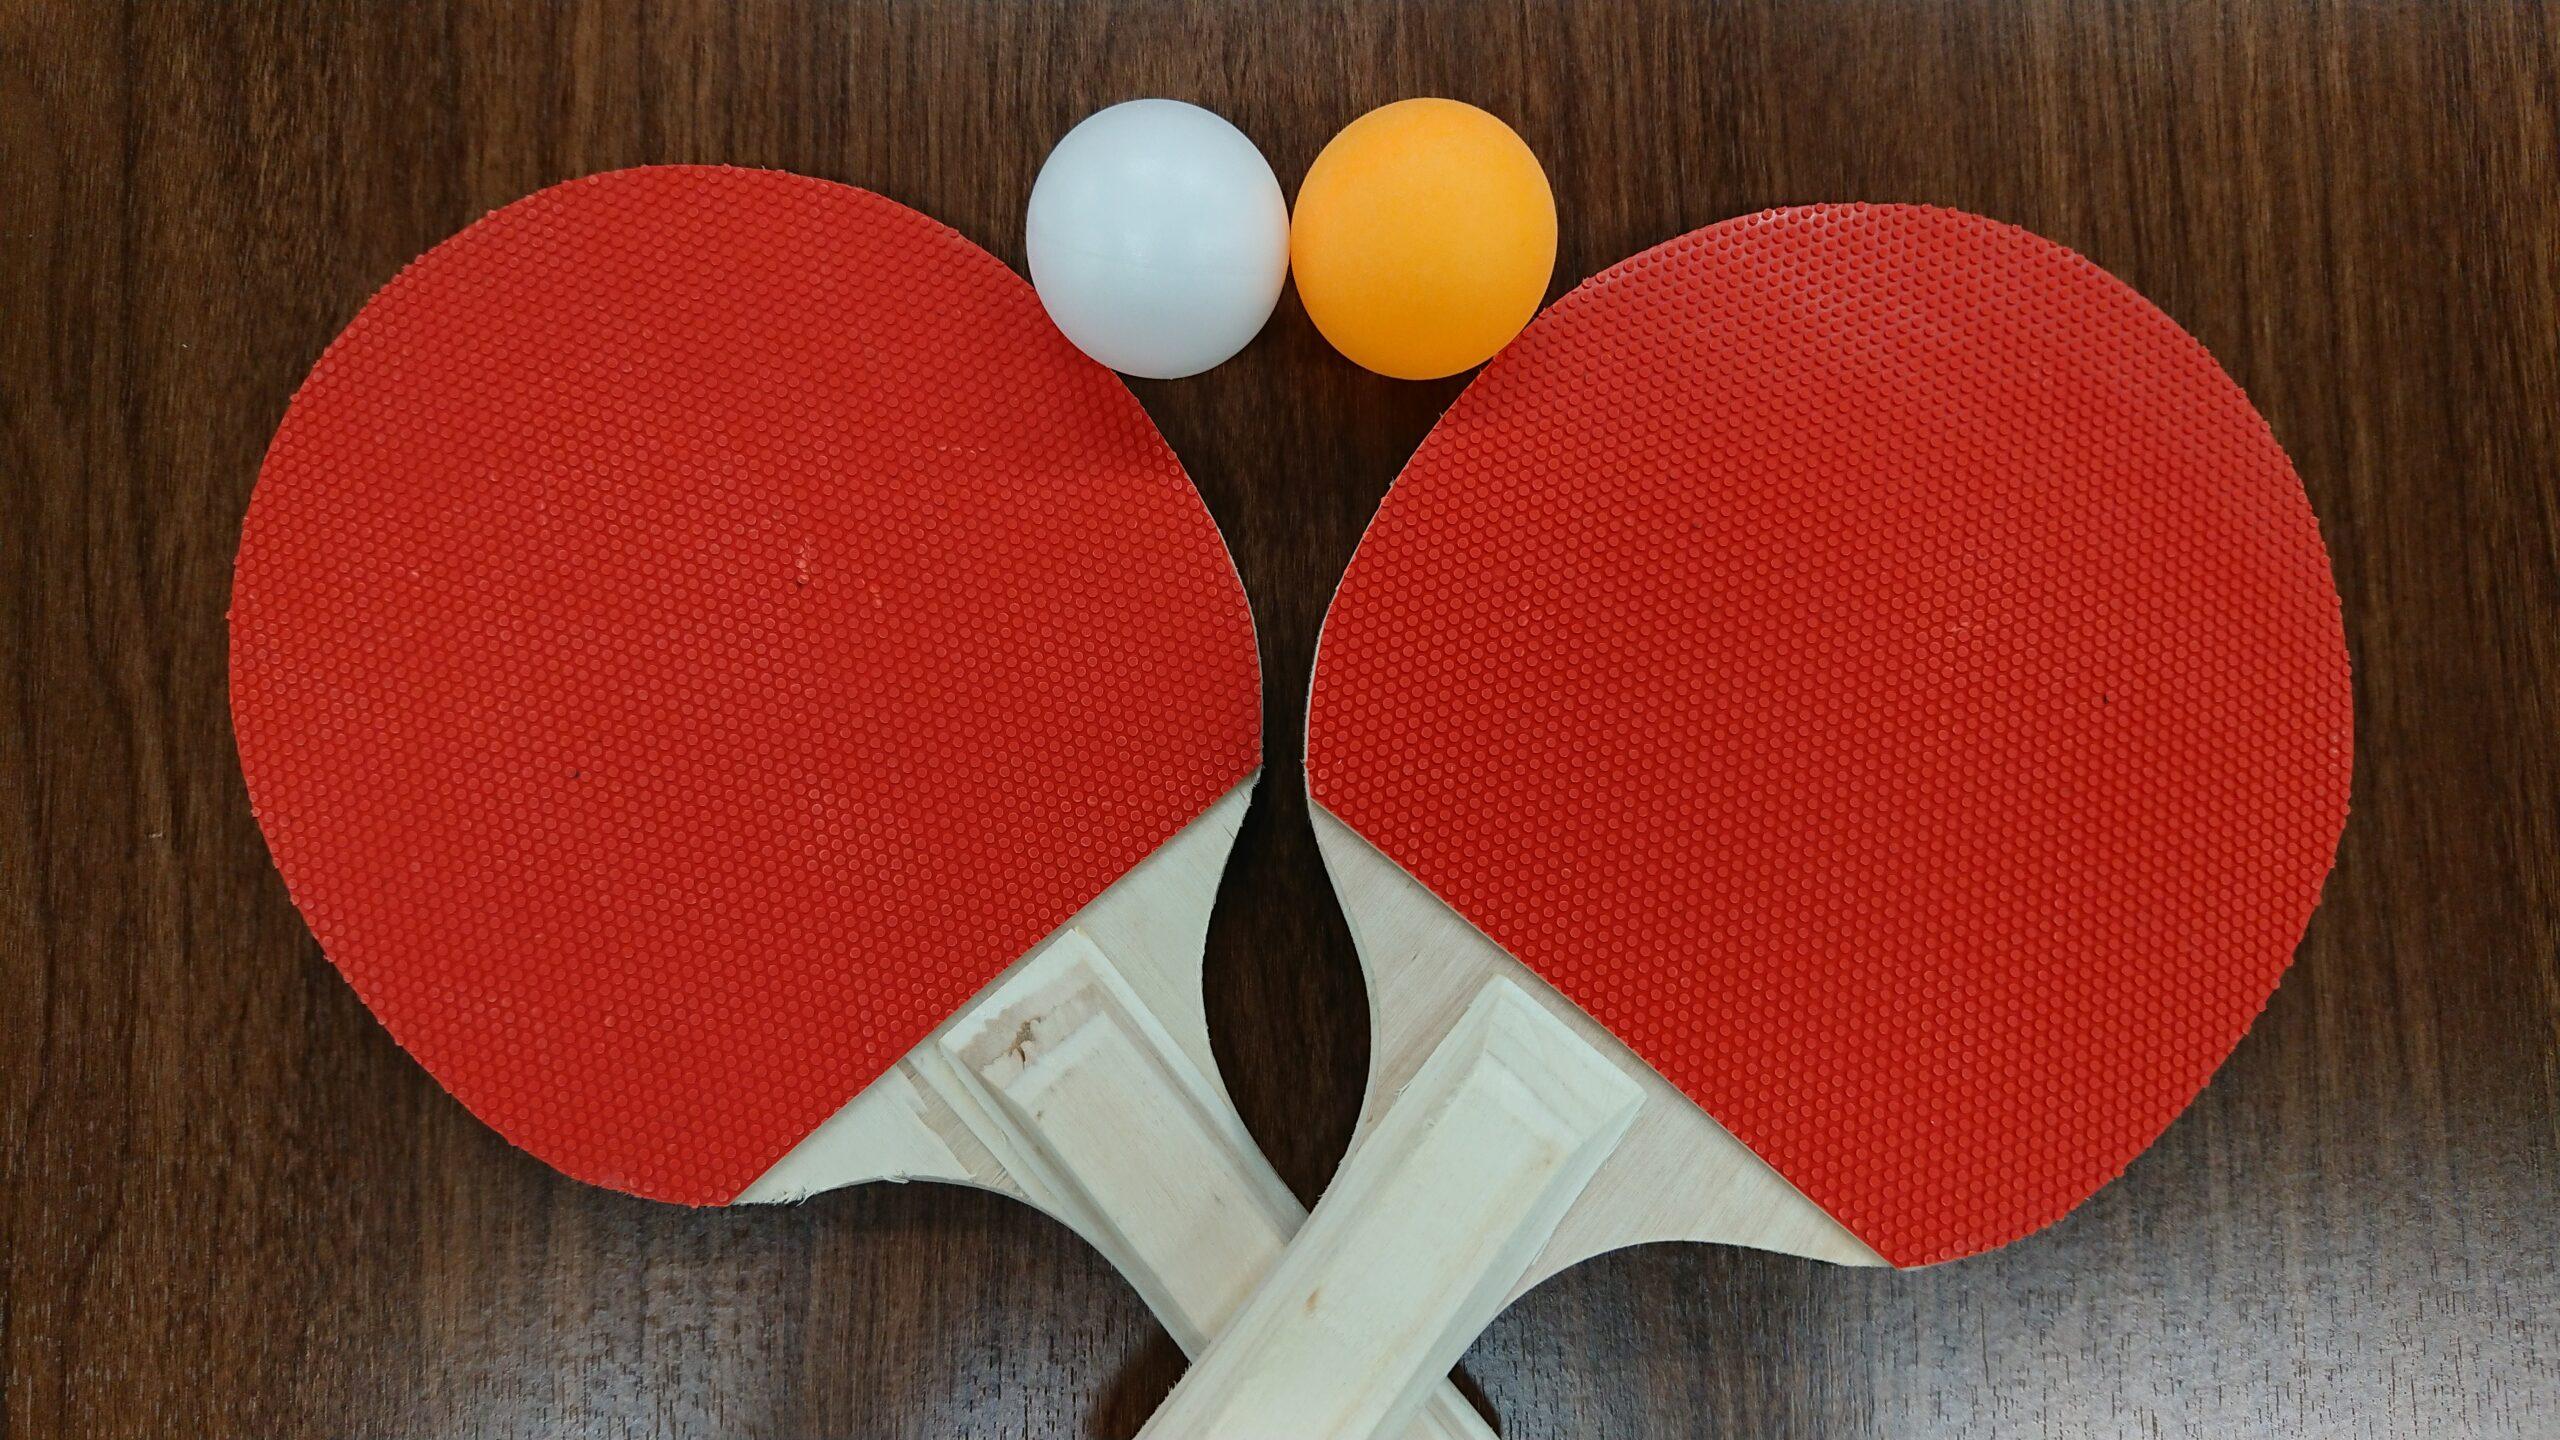 本日のイベントは「卓球大会🏓」